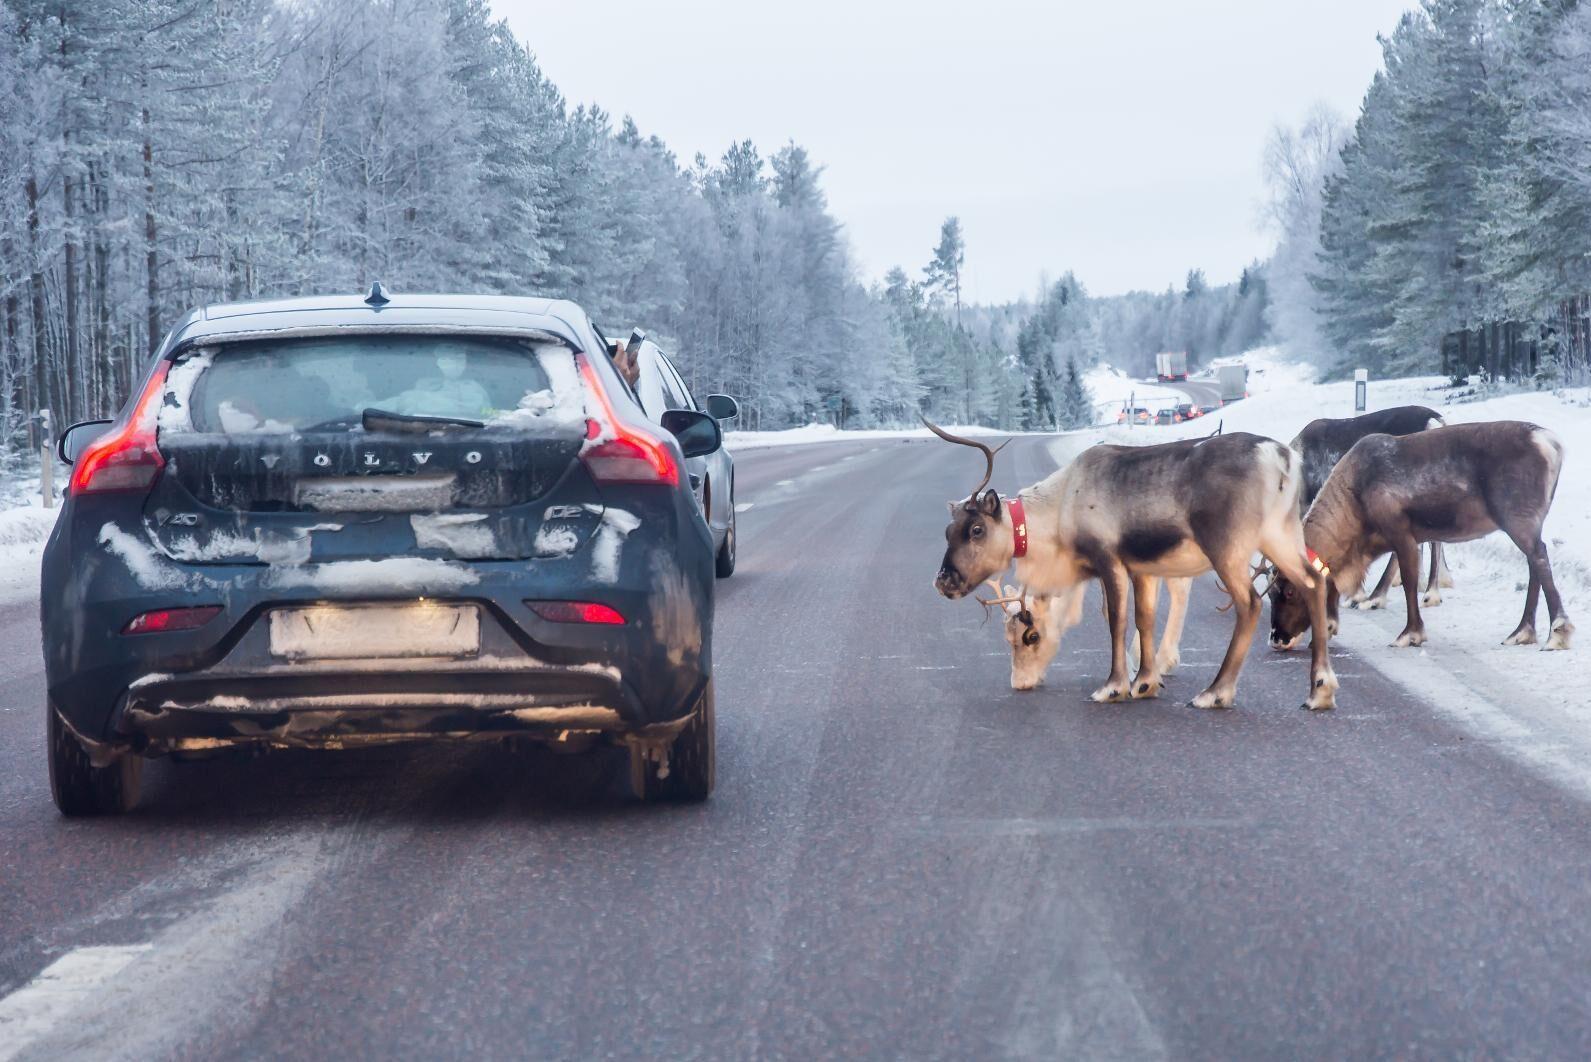 Vägsaltet skapar problem för trafikanter och renhållare då renarna går ut på vägen för att slicka salt.